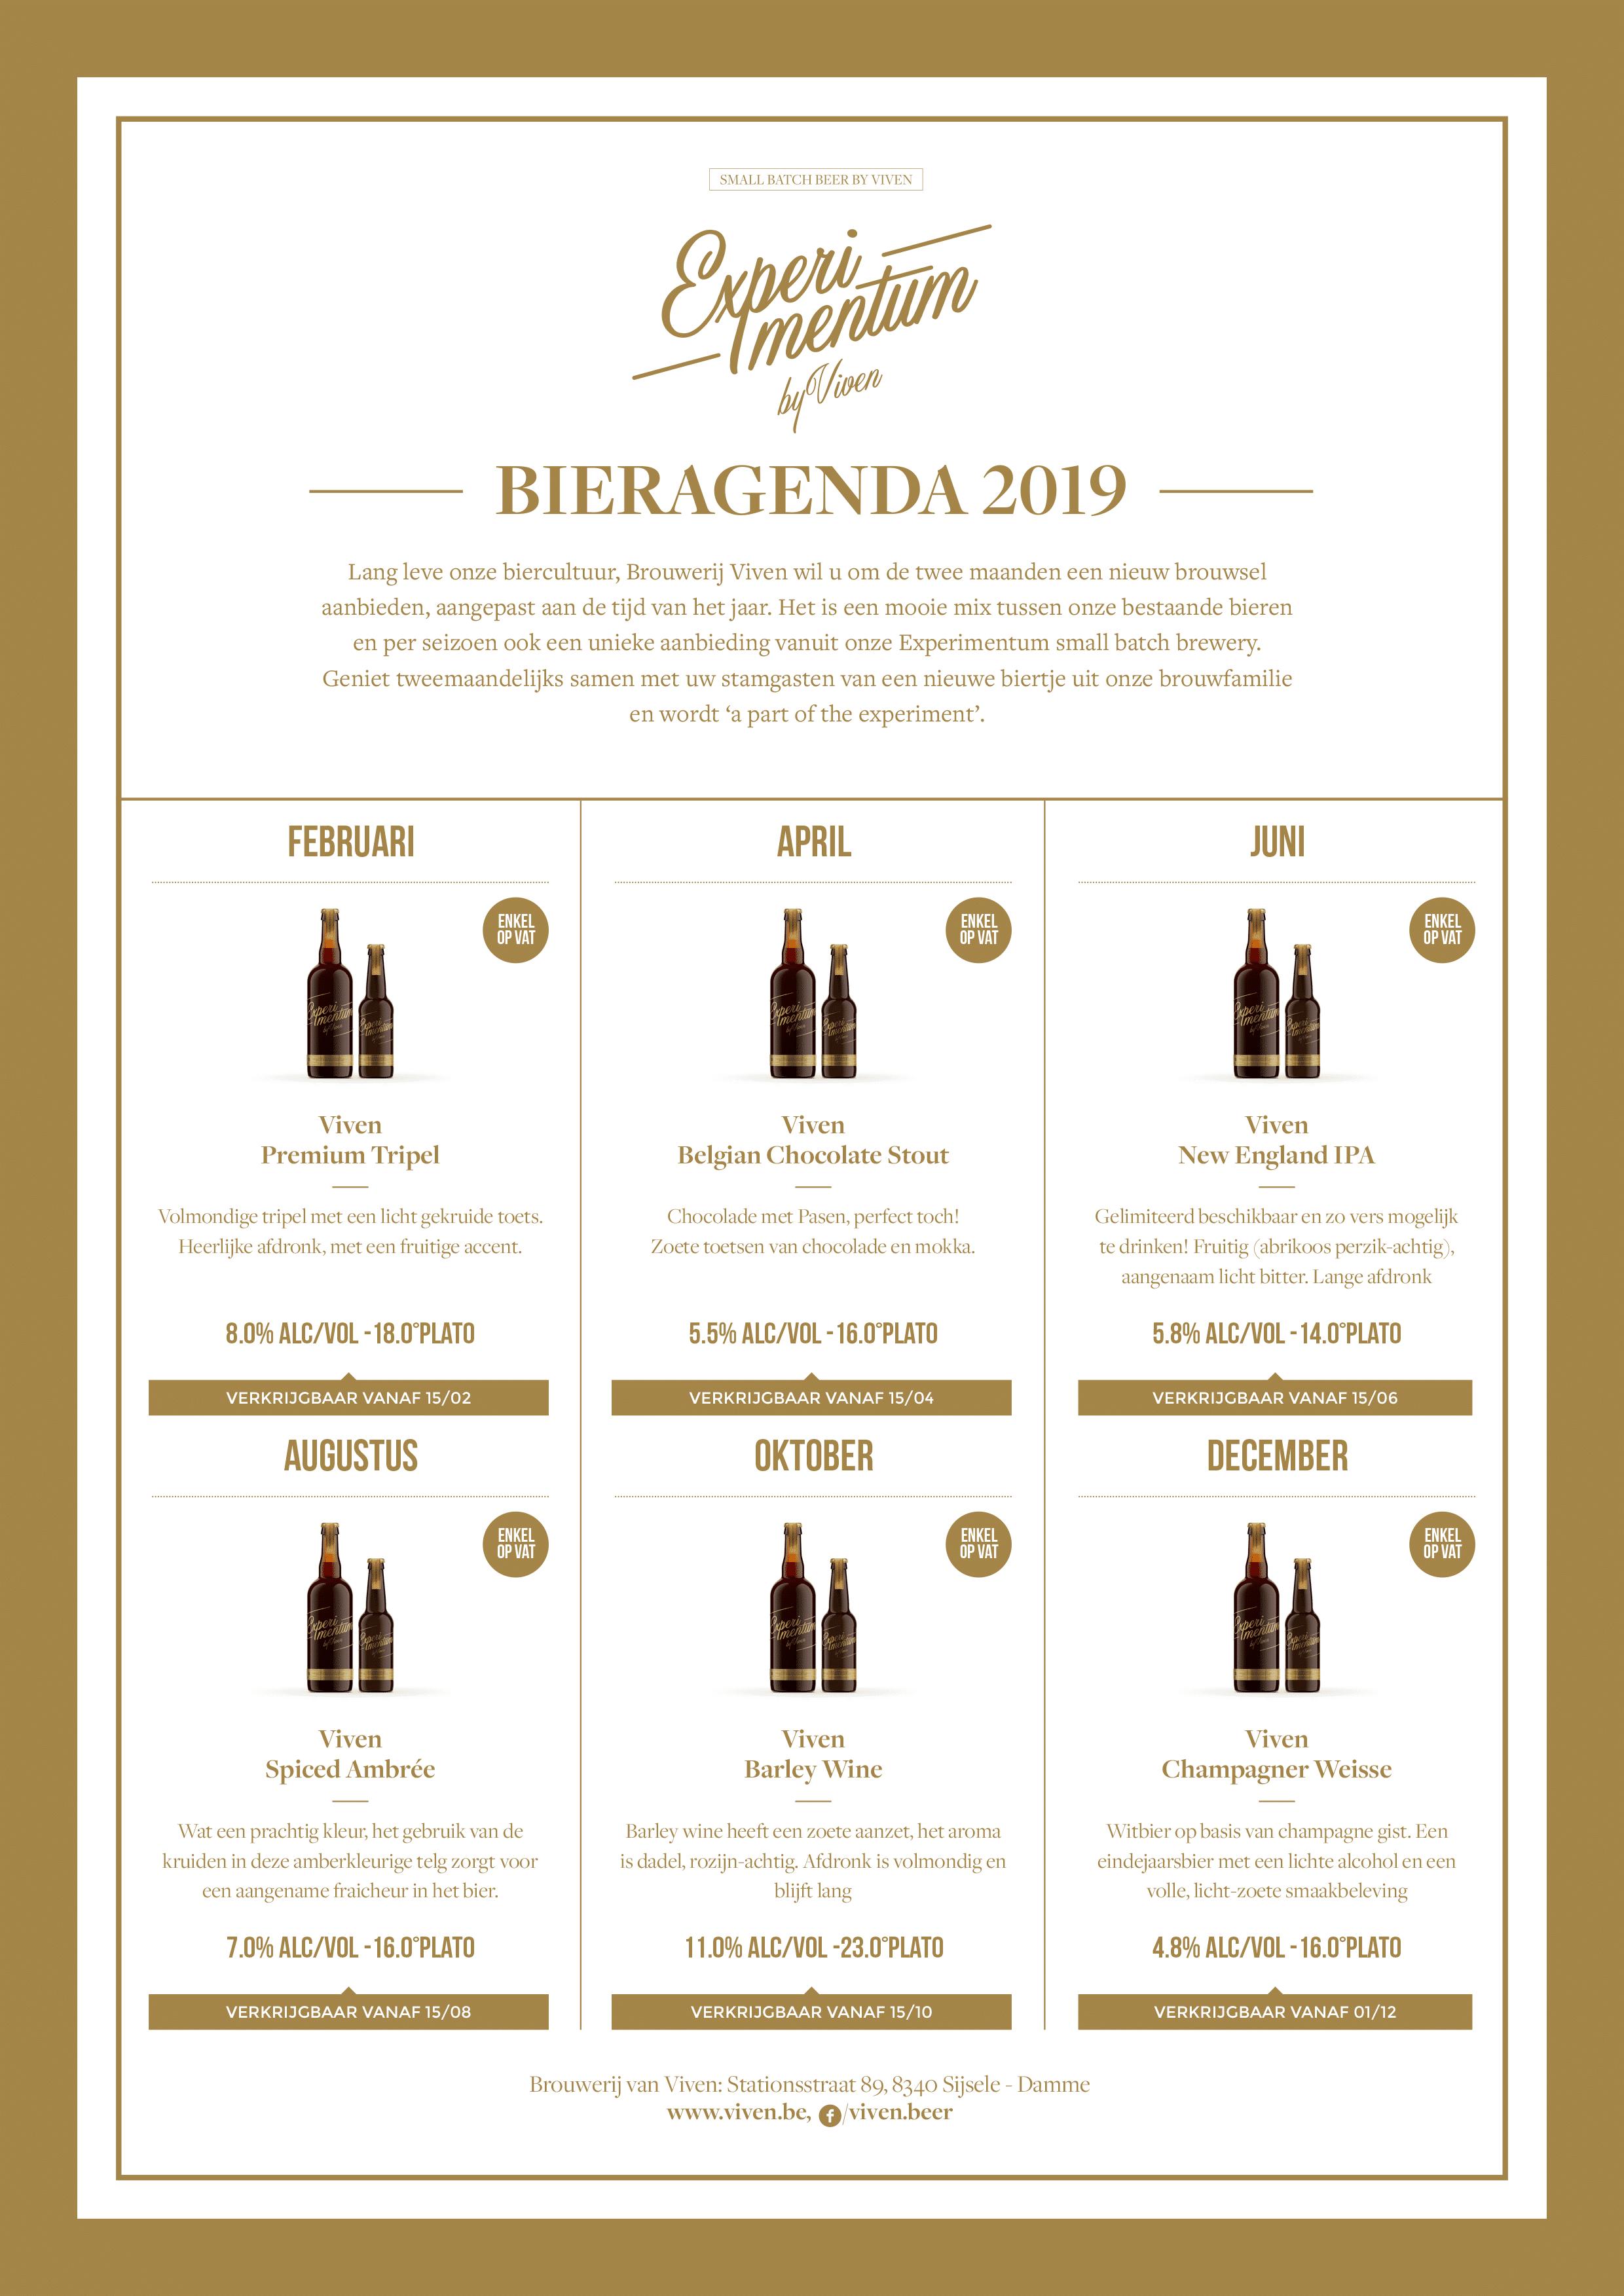 https://bierimport.nl/wp-content/uploads/2018/11/Viven_Experimentum_Bieragenda_2019_02.png